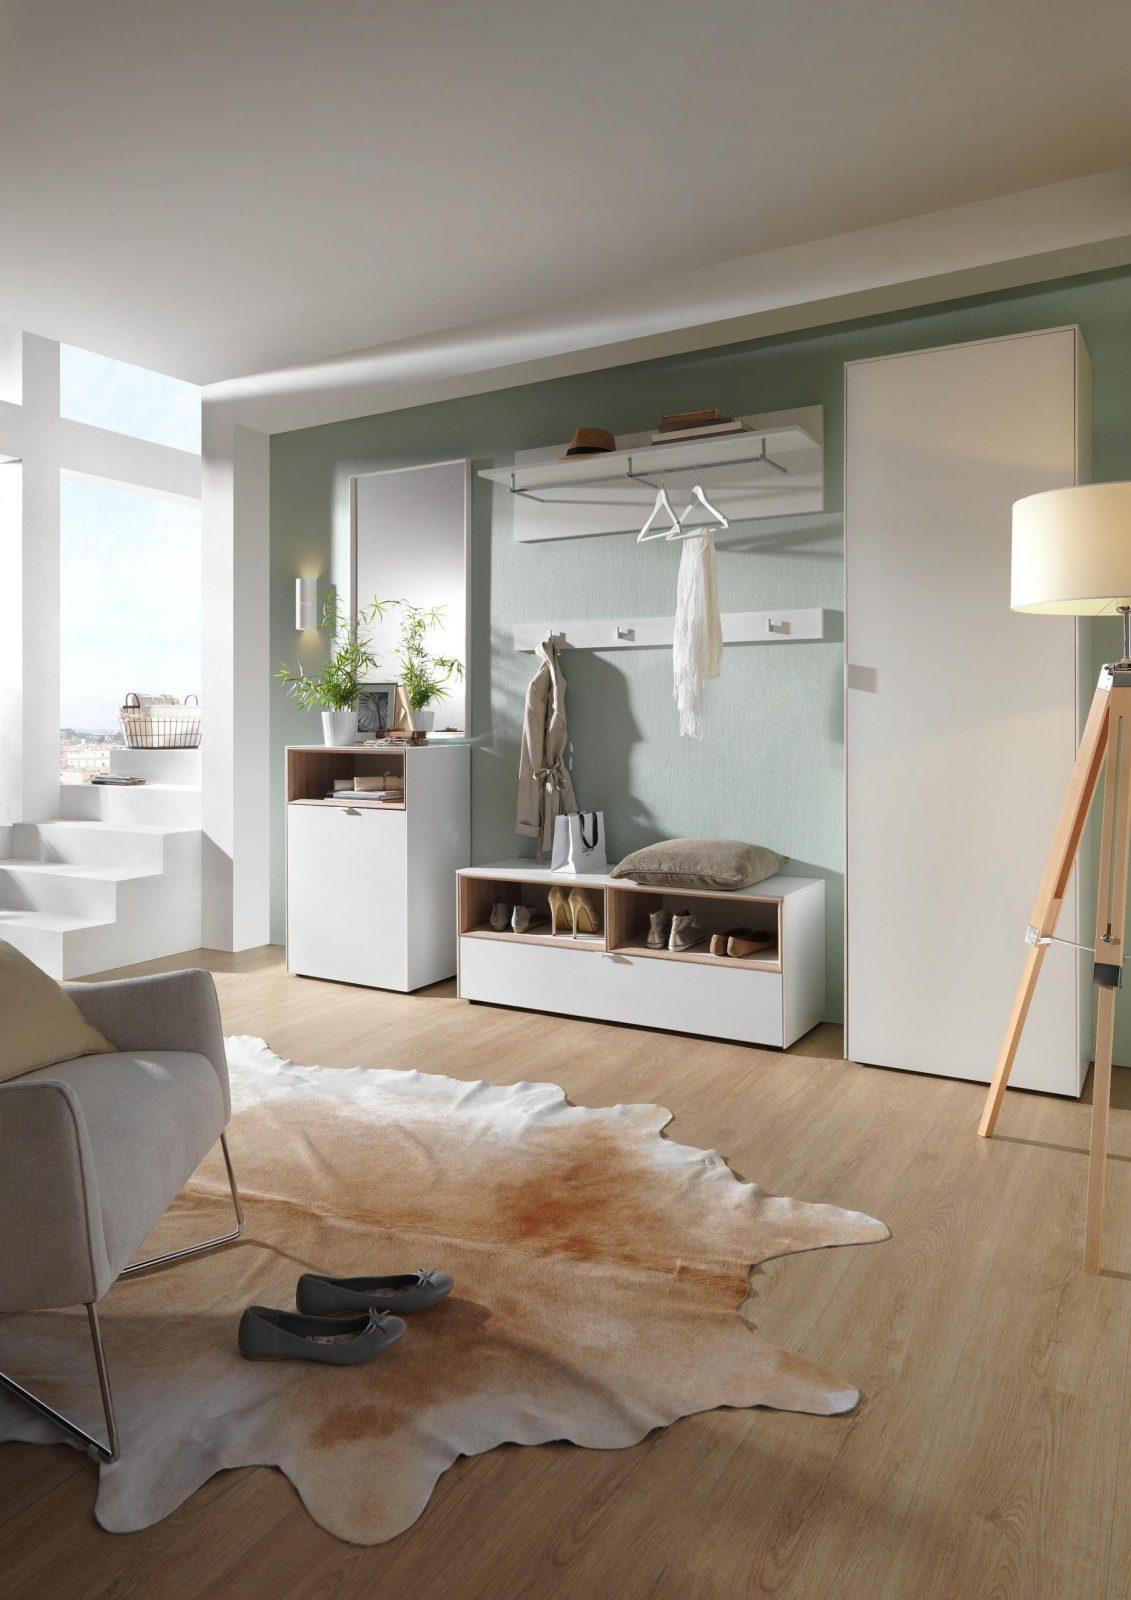 Wohnideen  Ideen Für Wohnzimmerdecken Auch Neu Neueste Ausgefallene von Ausgefallene Ideen Zur Raumabtrennung Bild